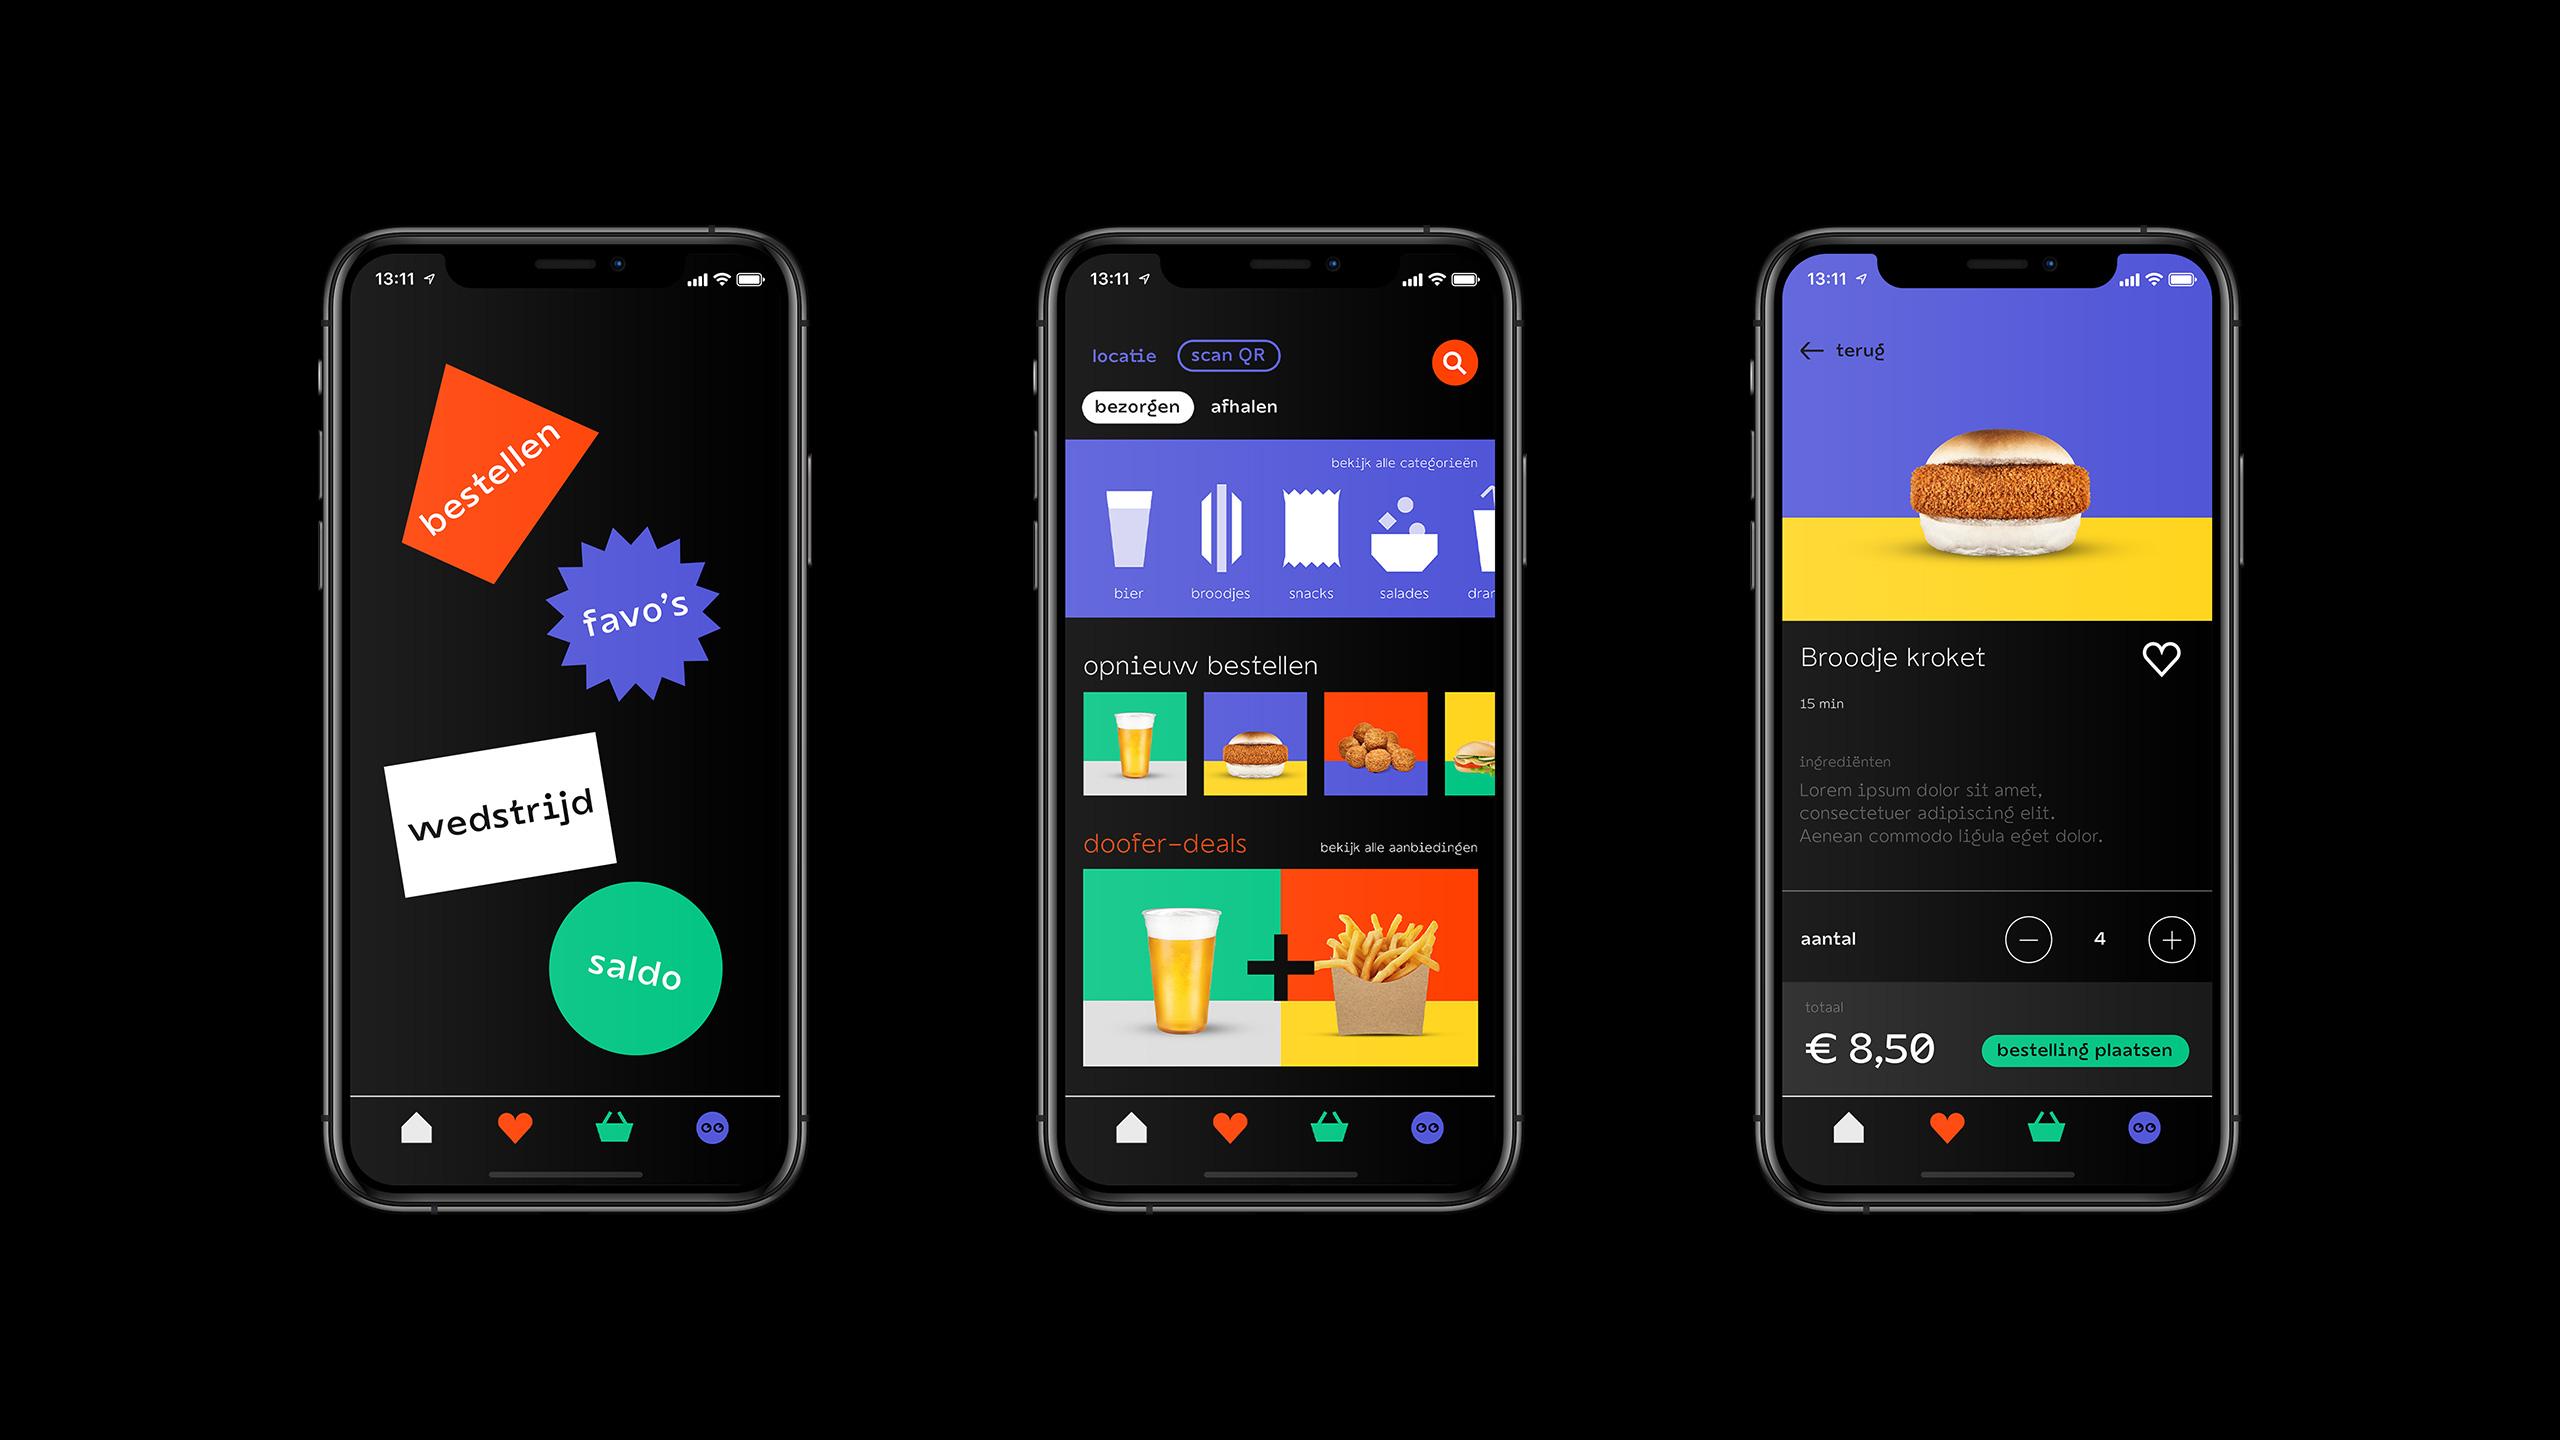 Doofer app screens 2